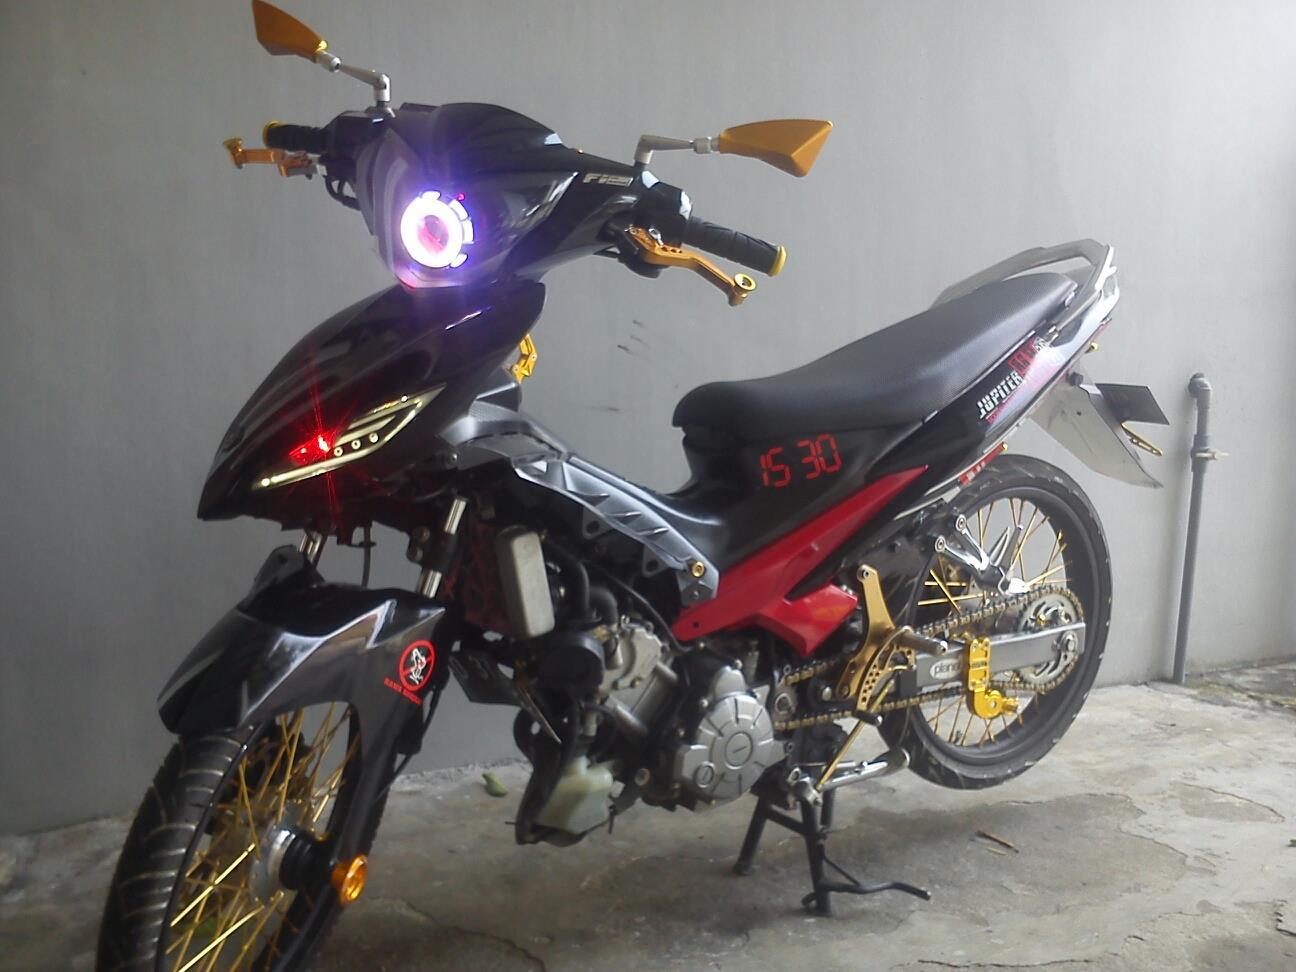 Variasi Motor Mx 2012 terbaru